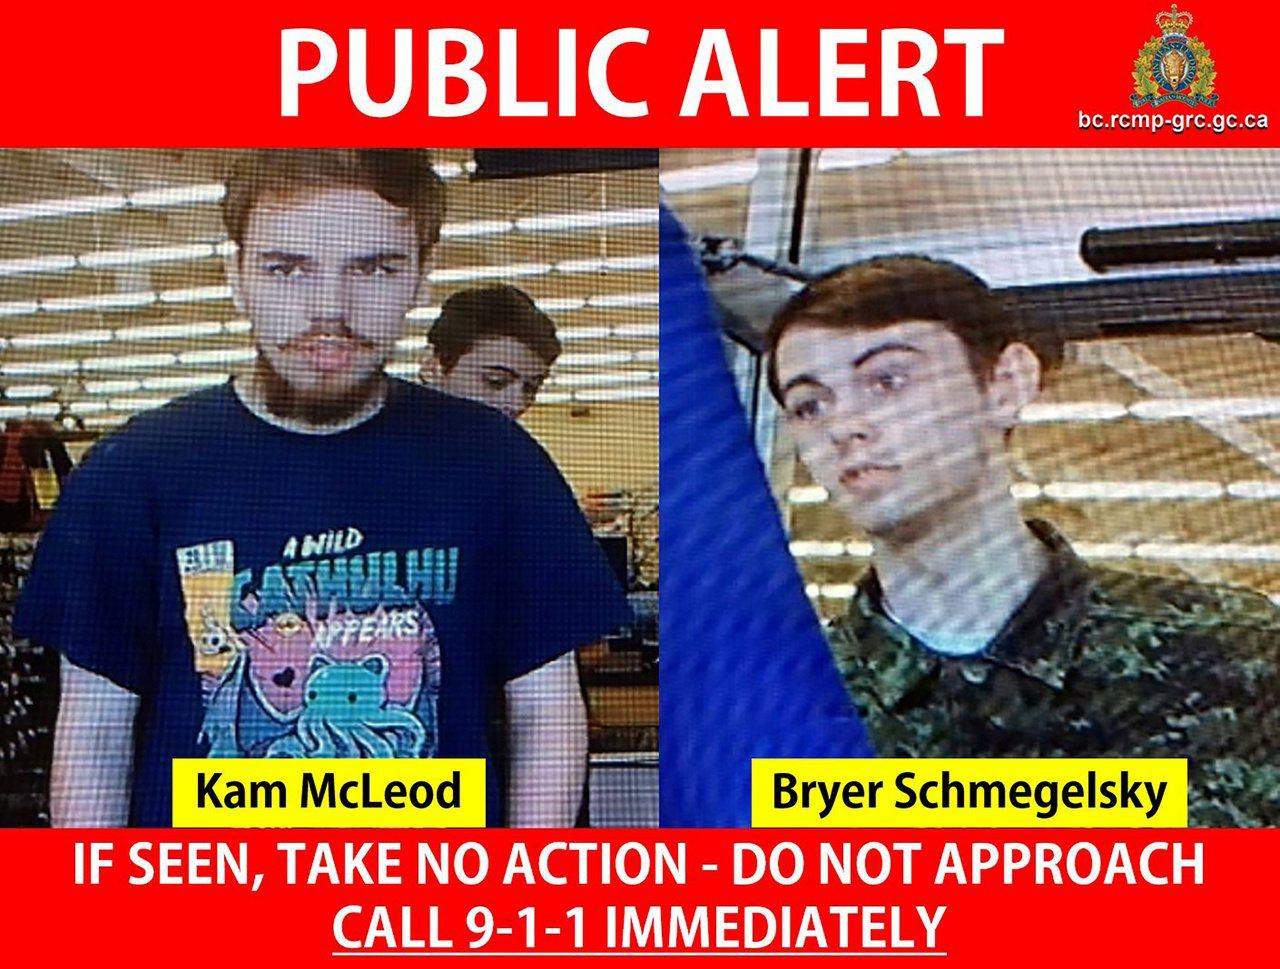 因謀殺三人而被通緝的加拿大青少年麥克勞(左)和施梅吉斯基(右),被發現陳屍曼尼托...